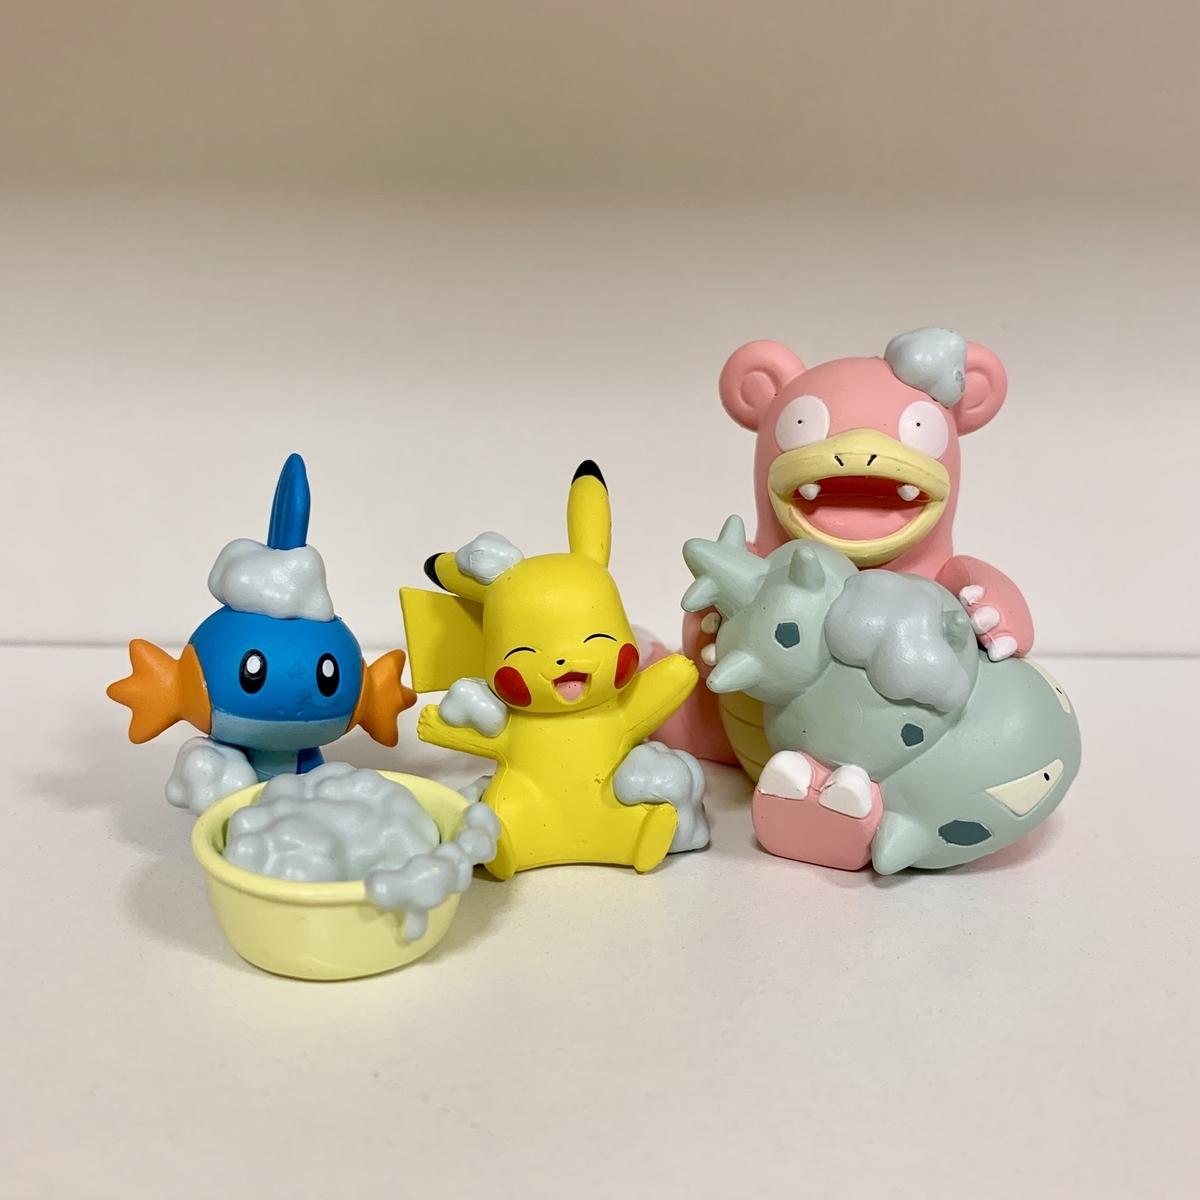 f:id:pikachu_pcn:20200924214129j:plain